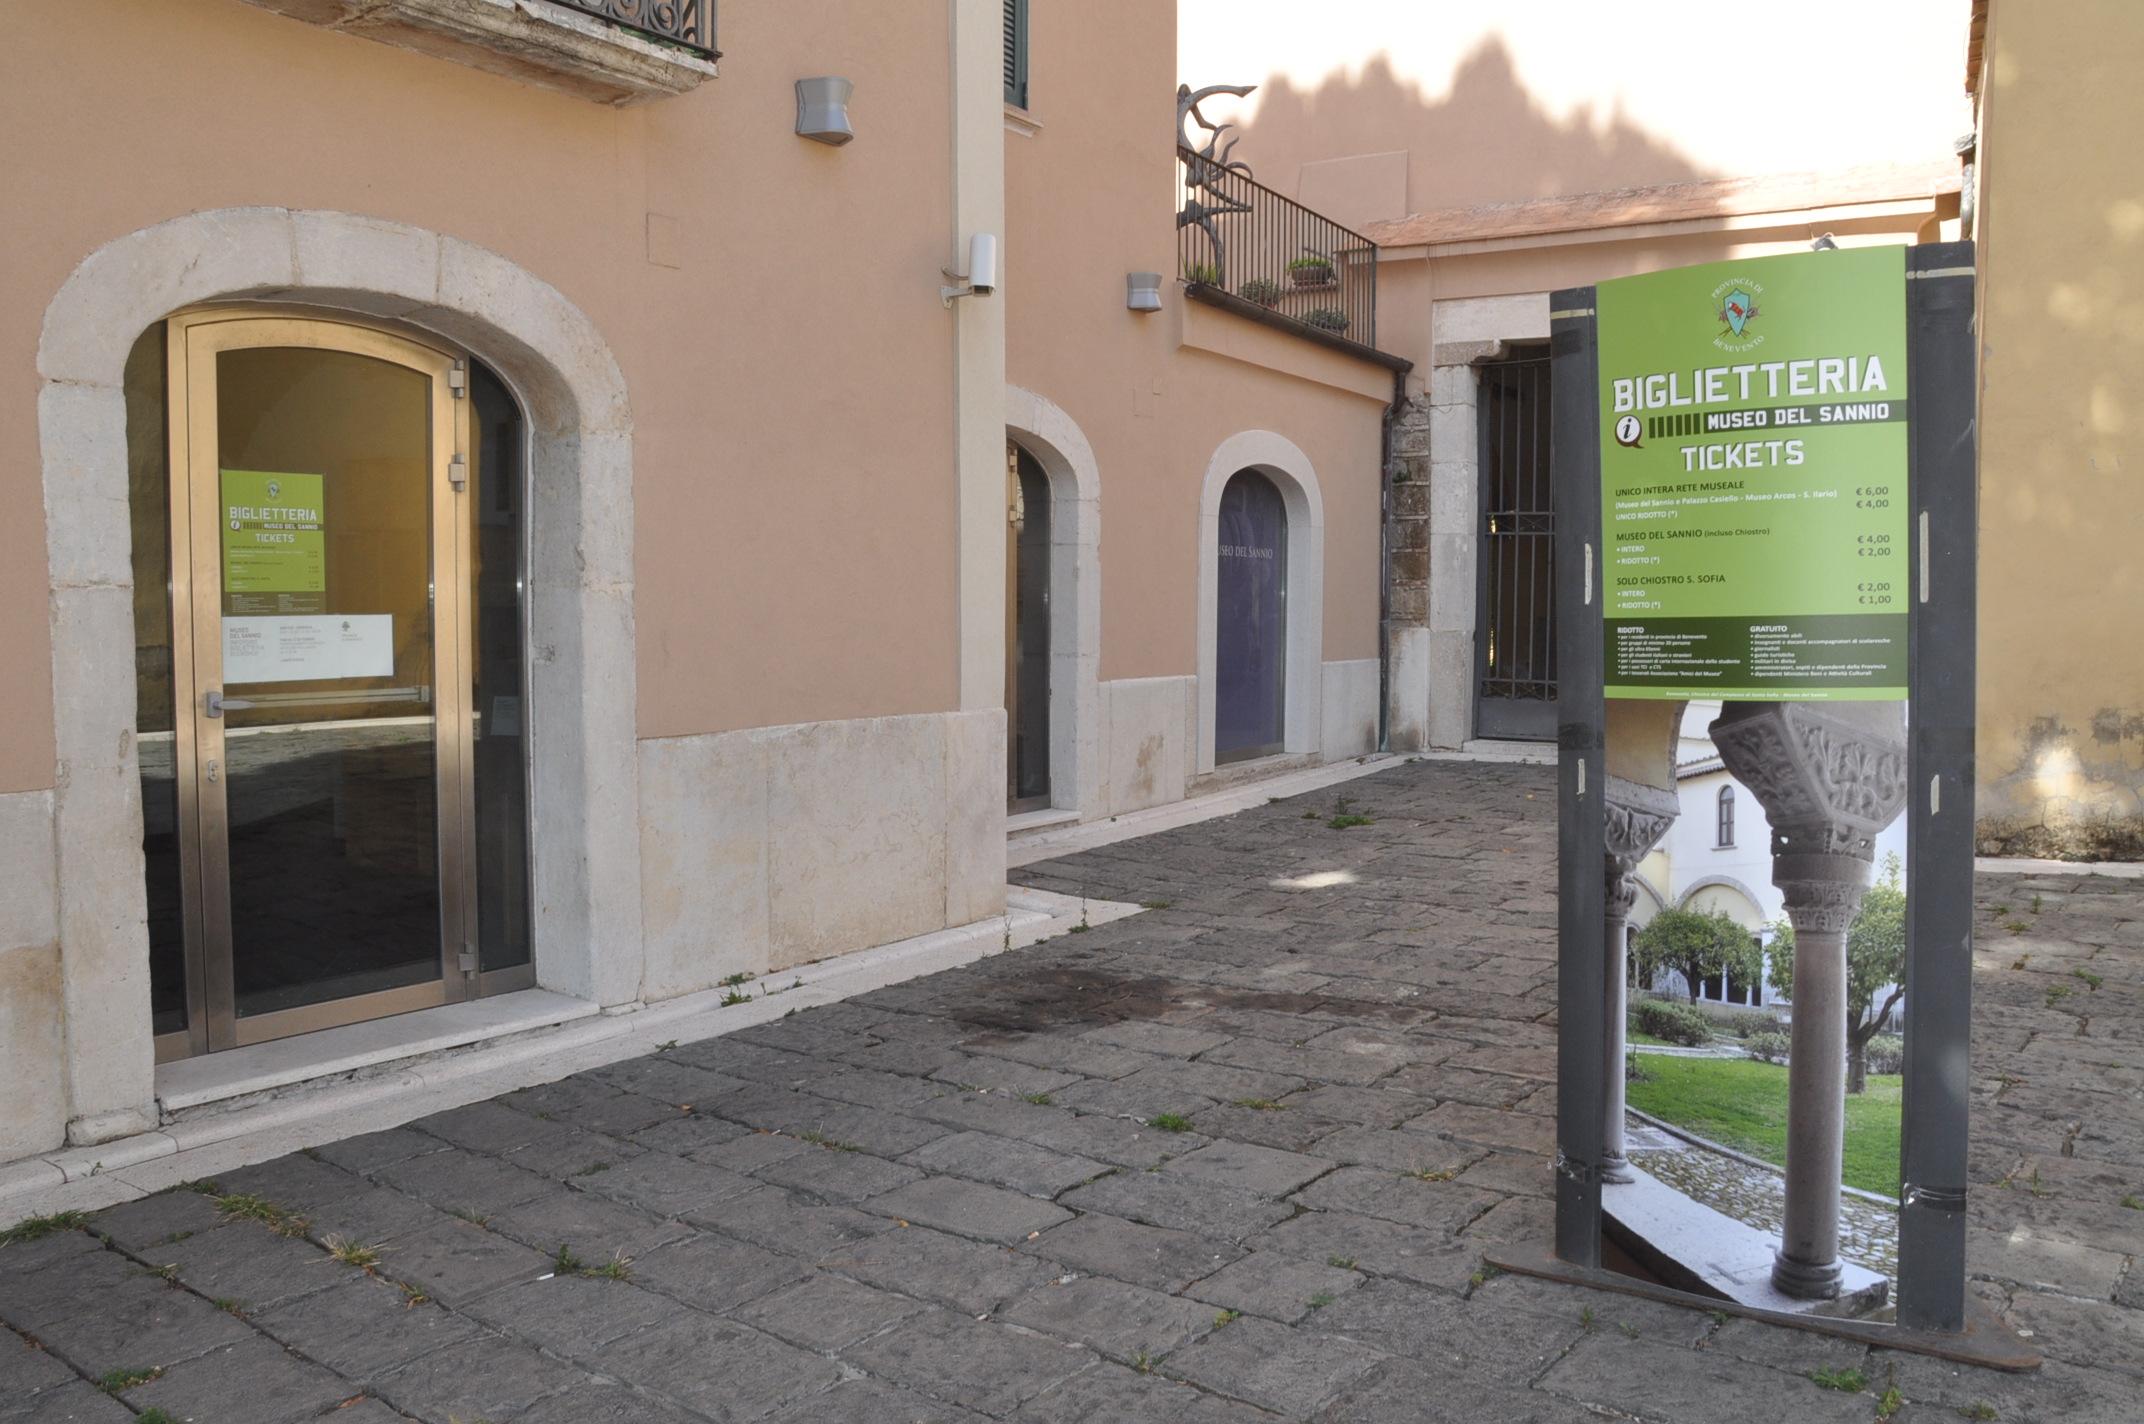 Benevento, nuova biglietteria del Museo del Sannio e del Chiostro di Santa Sofia